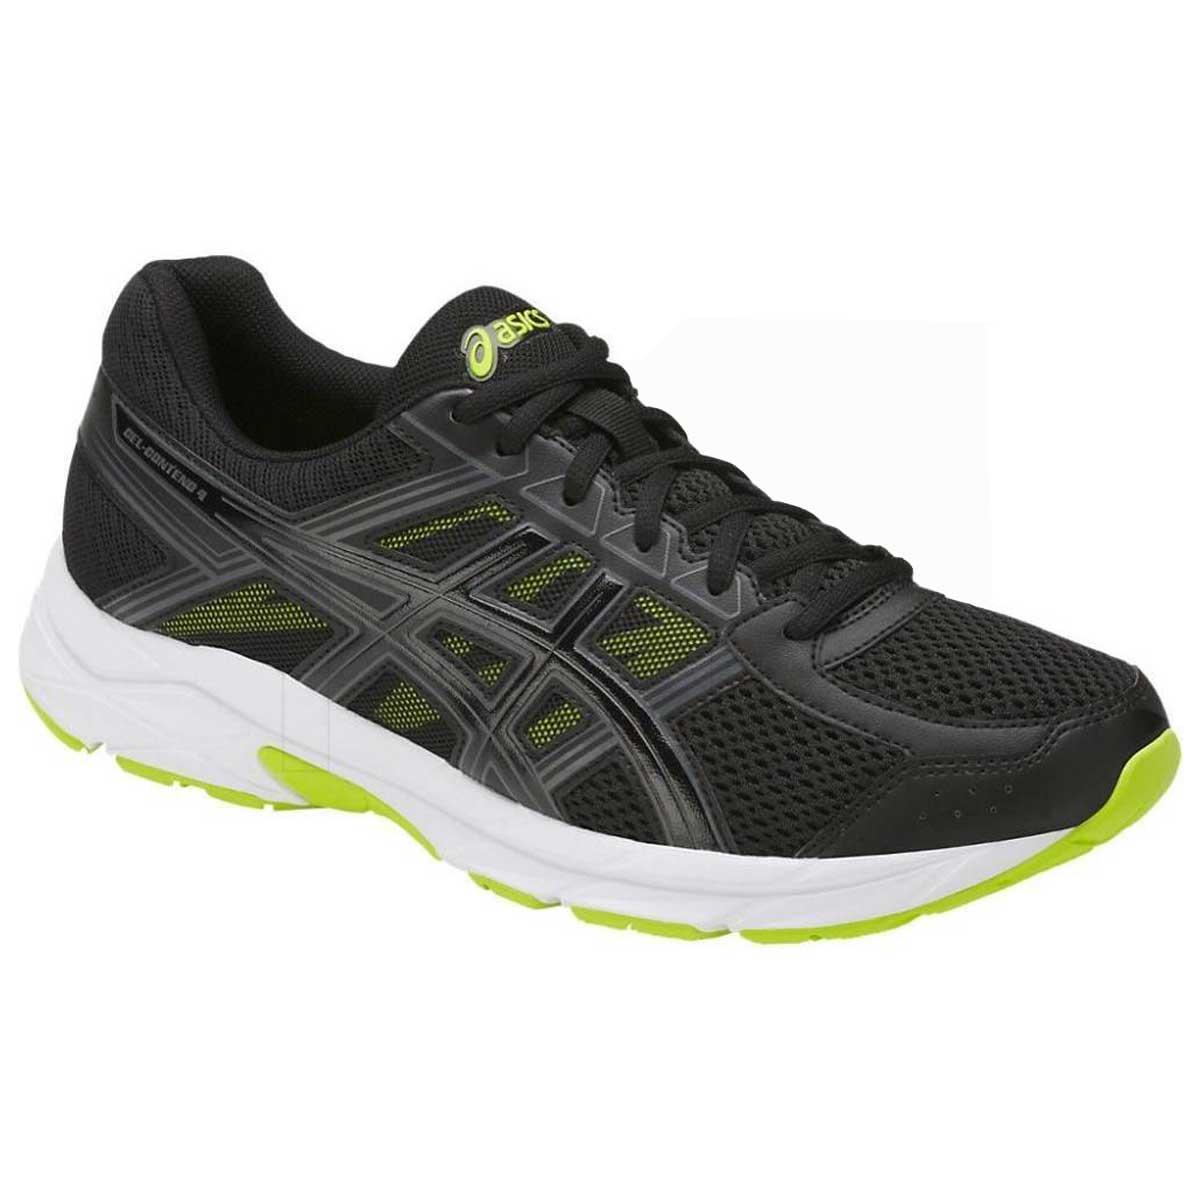 online retailer 3b5f0 c3a15 Asics Gel-Contend 4 Running Shoes (Black/Green)